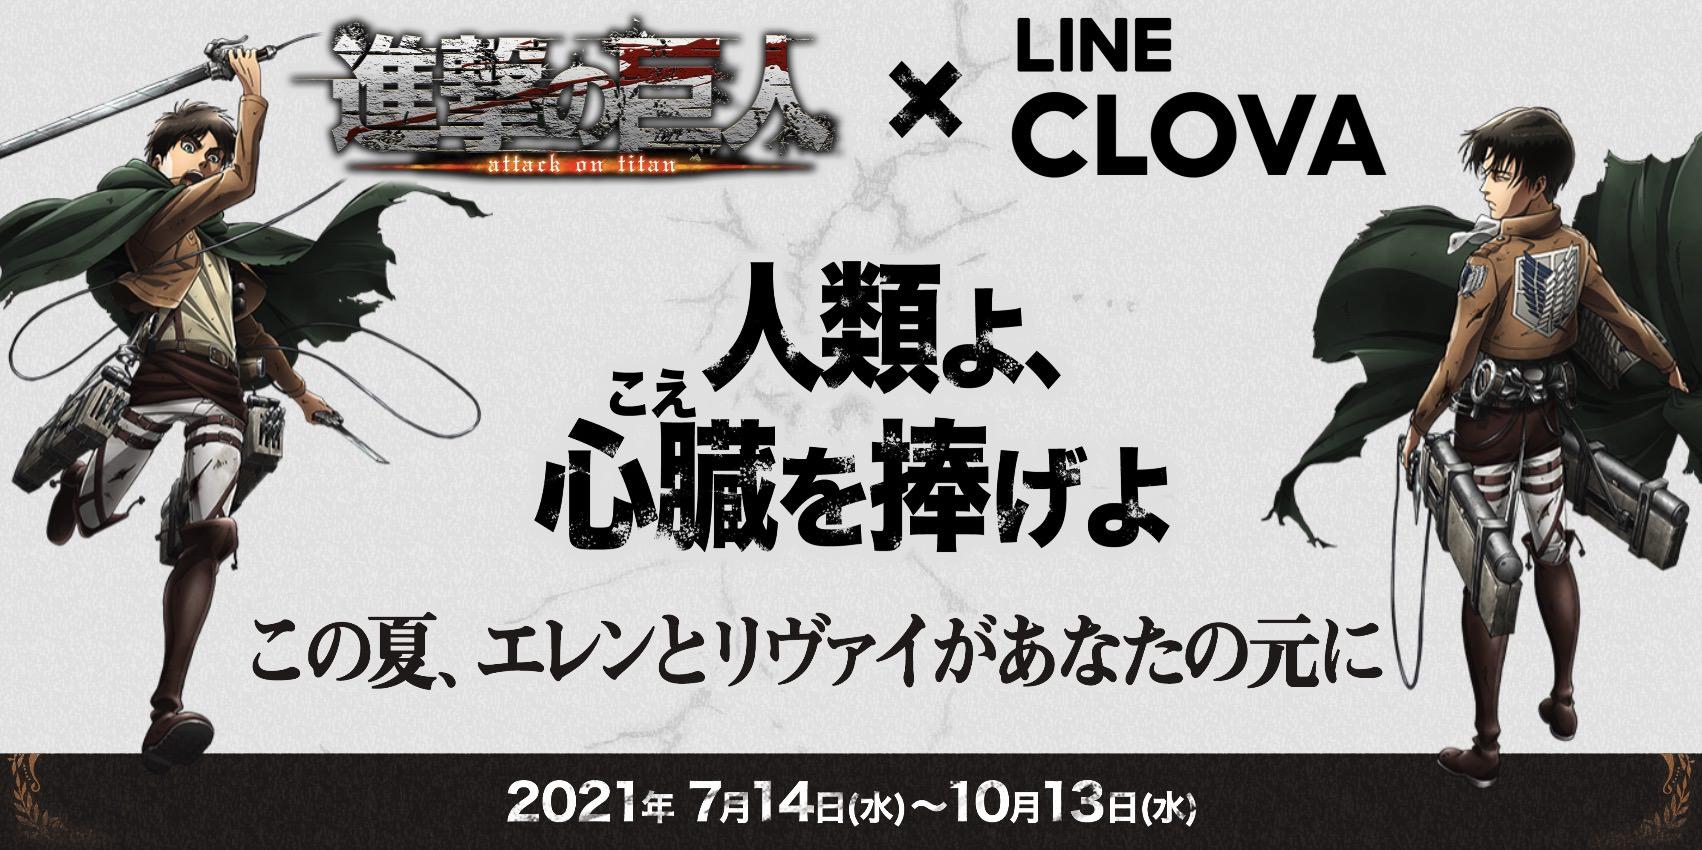 進撃の巨人 × LINE音声検索 7月14日よりリヴァイらとコラボ調査実施!